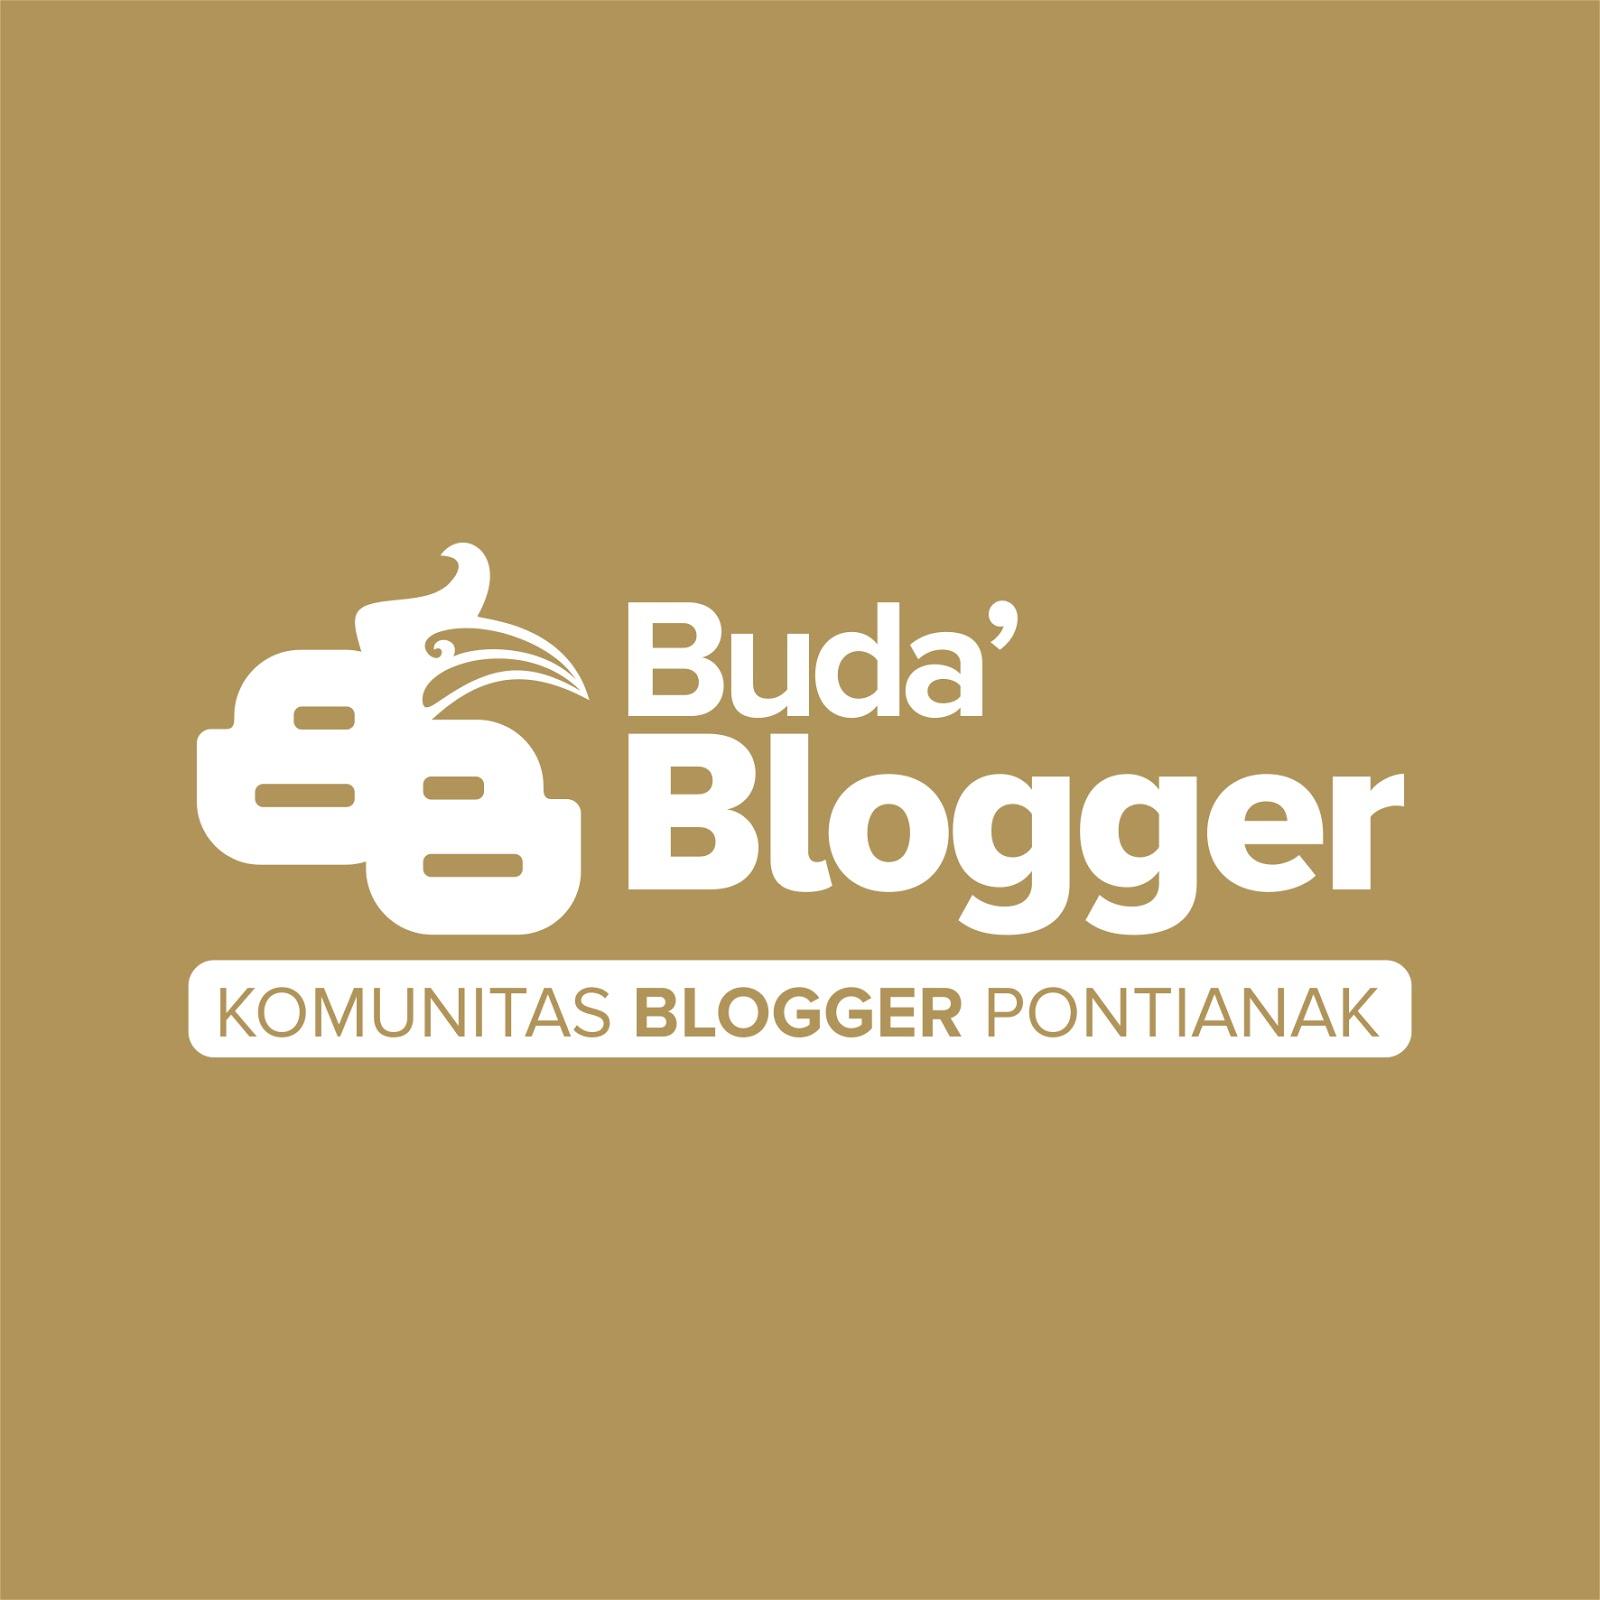 Mari Berkunjung Museum Orangutan Entrepreneur Kreatif Blogger Pontianak Musium Kalimantan